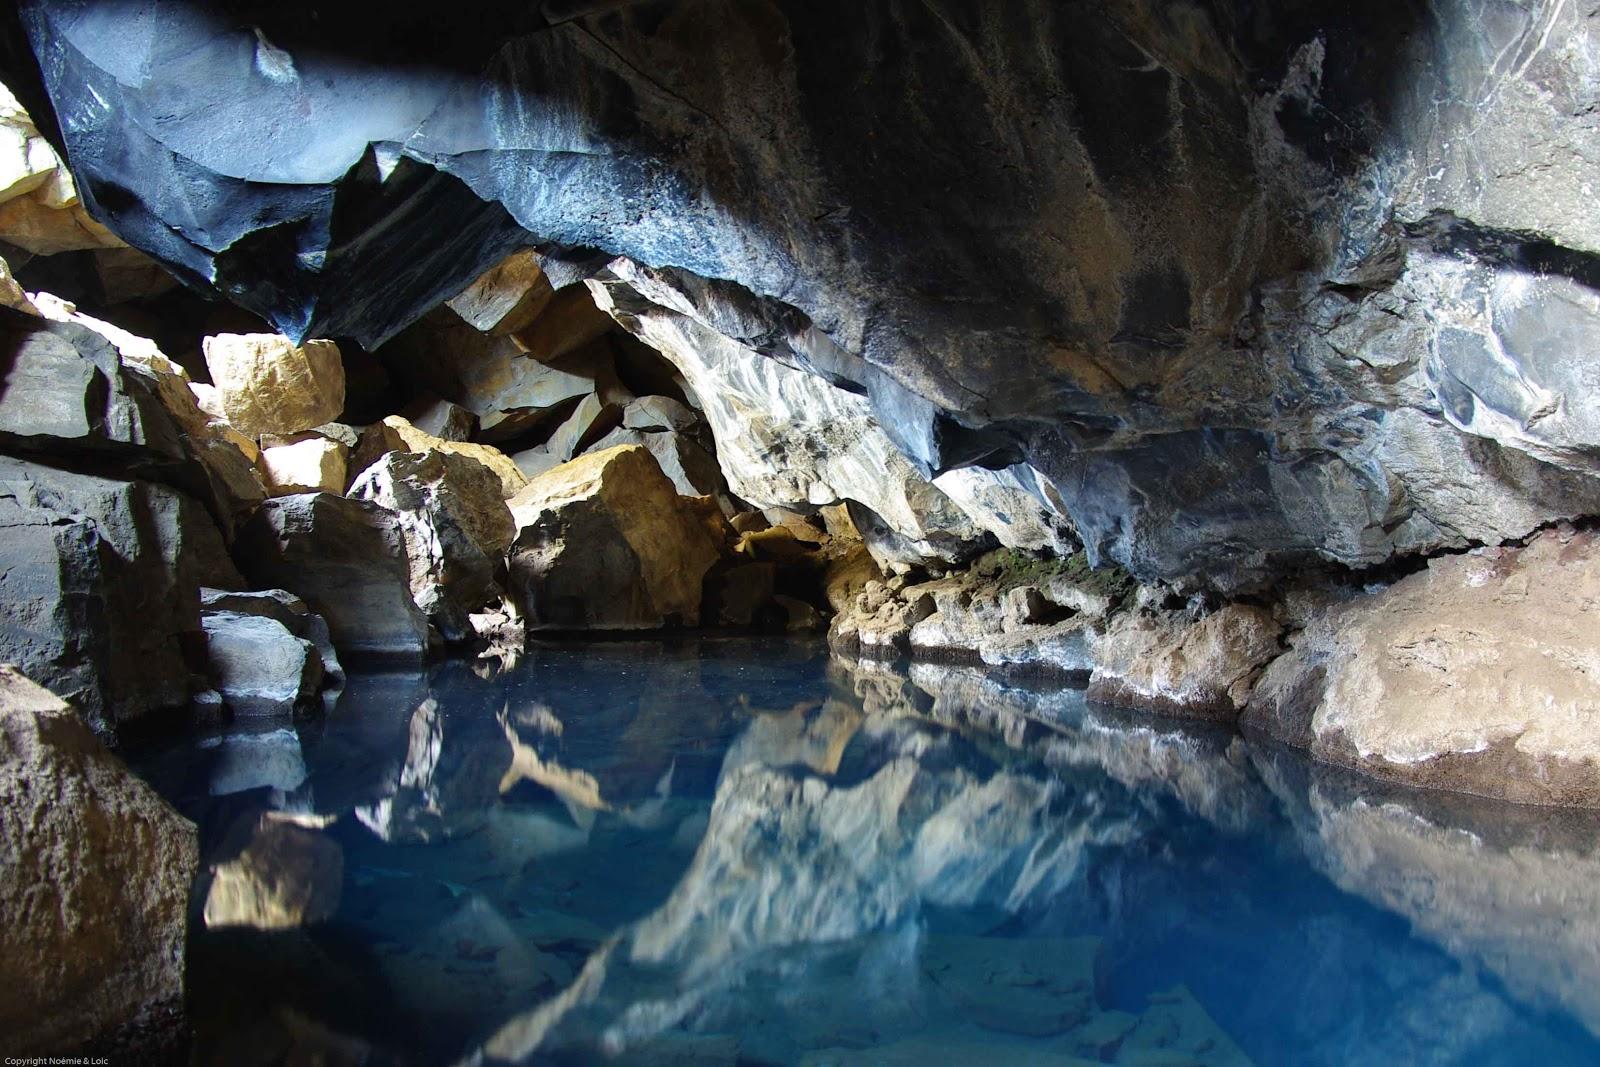 Road trip en islande ao t 2012 - Eau de piscine laiteuse ...